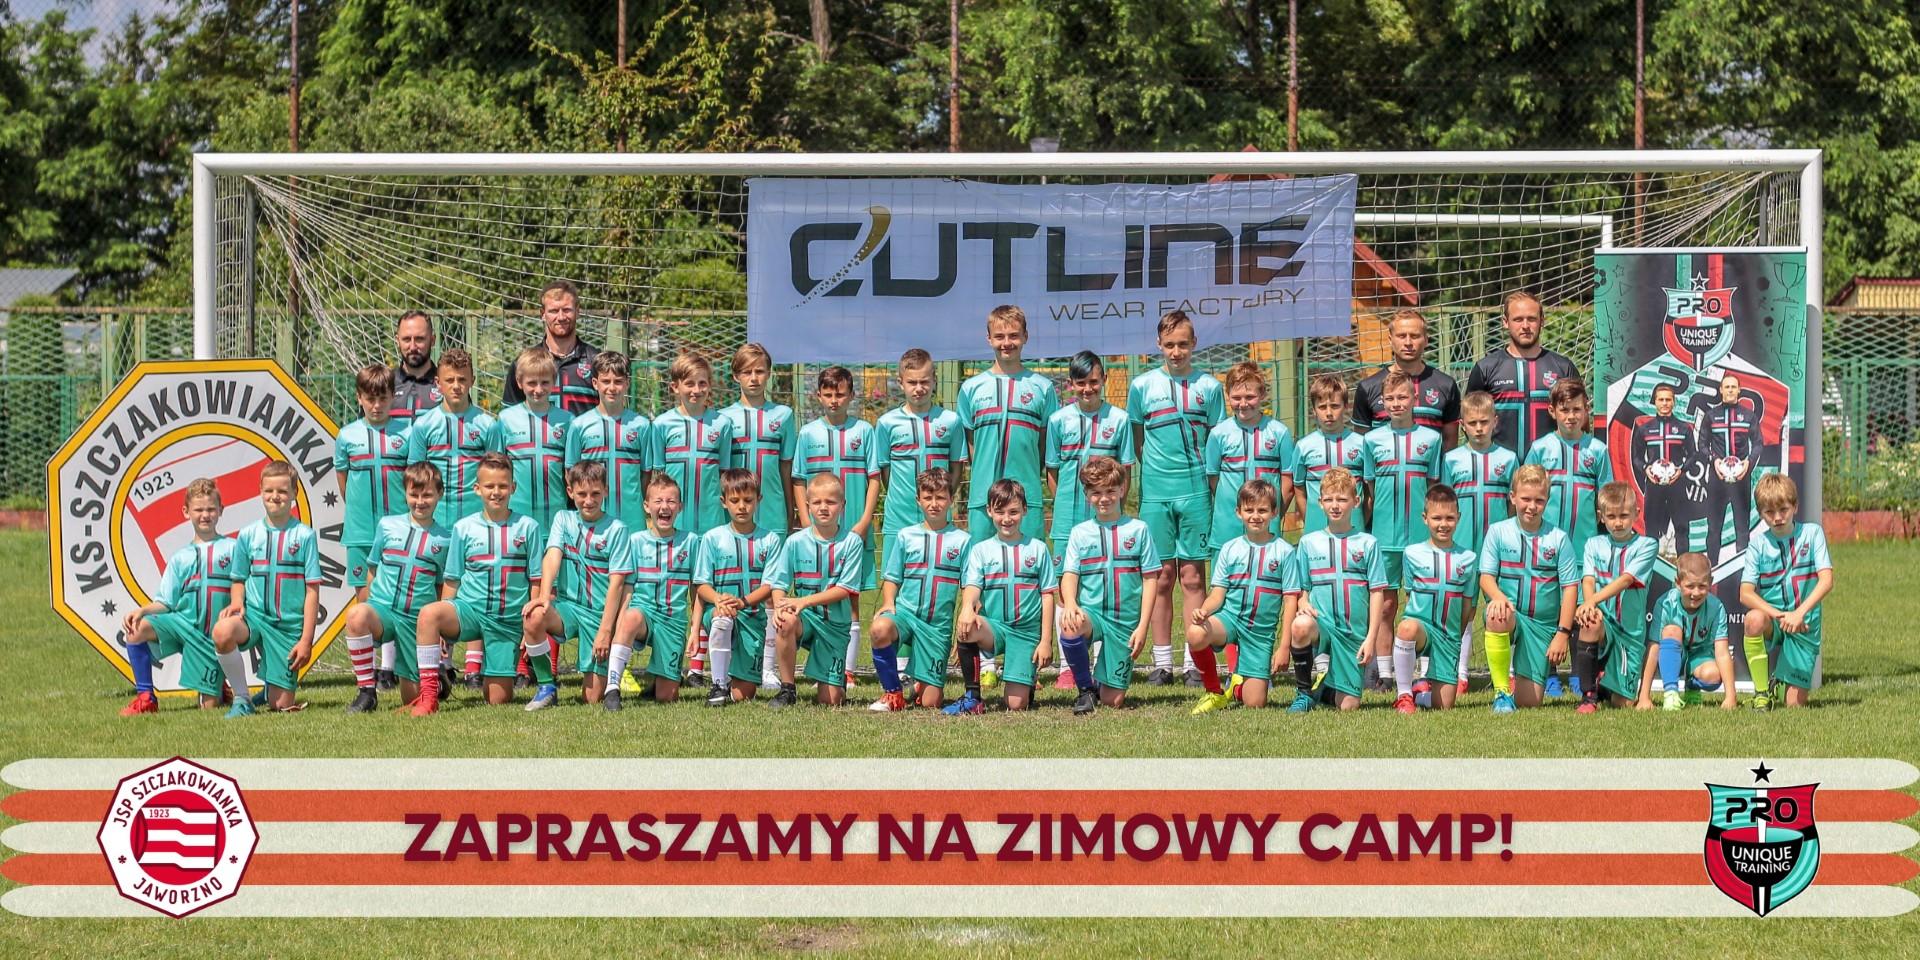 Zimowy Camp ze Szczakowianką!